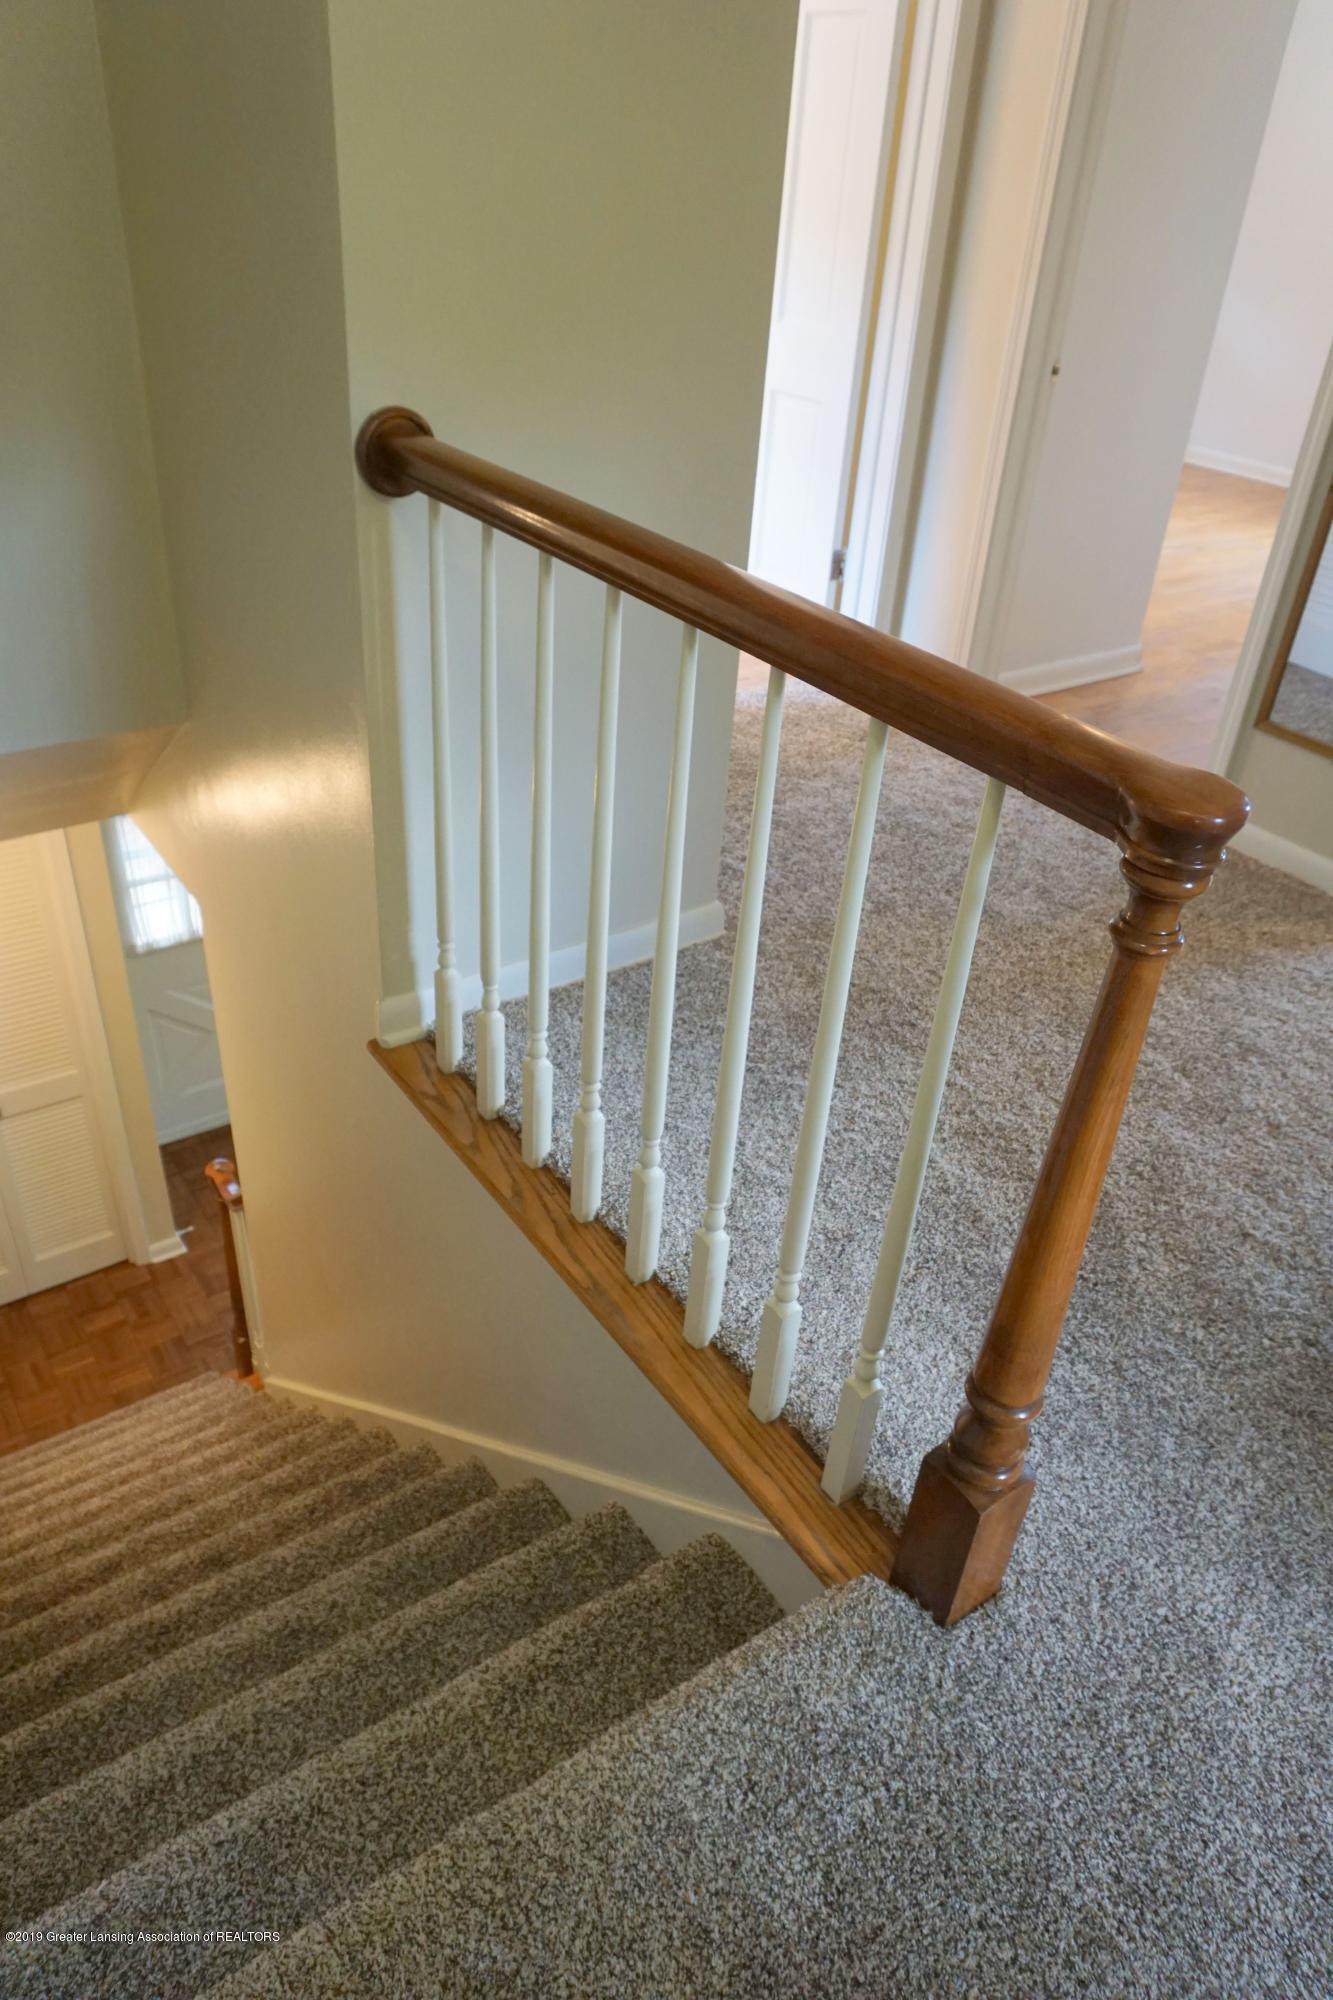 809 S Lansing St - New Carpet - 16